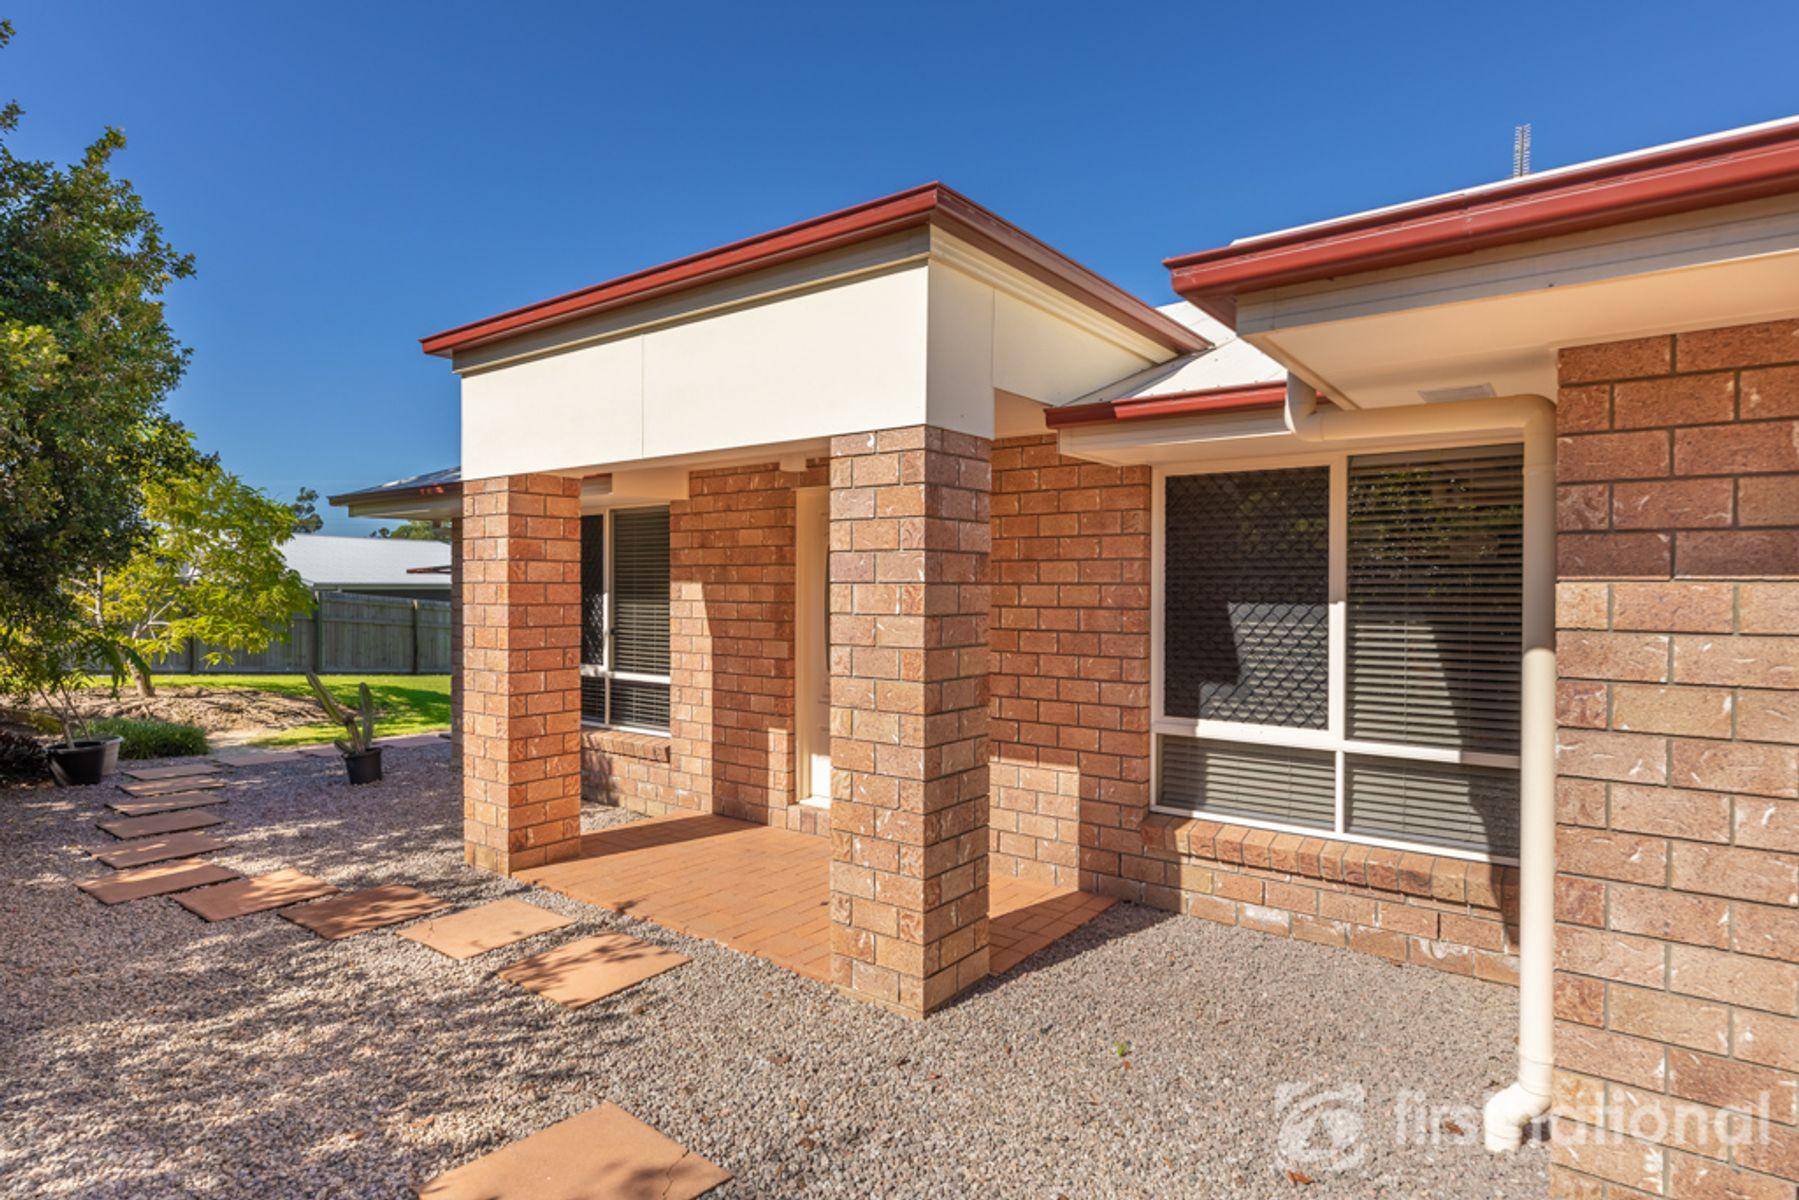 11 Avilka Place, Beerwah, QLD 4519